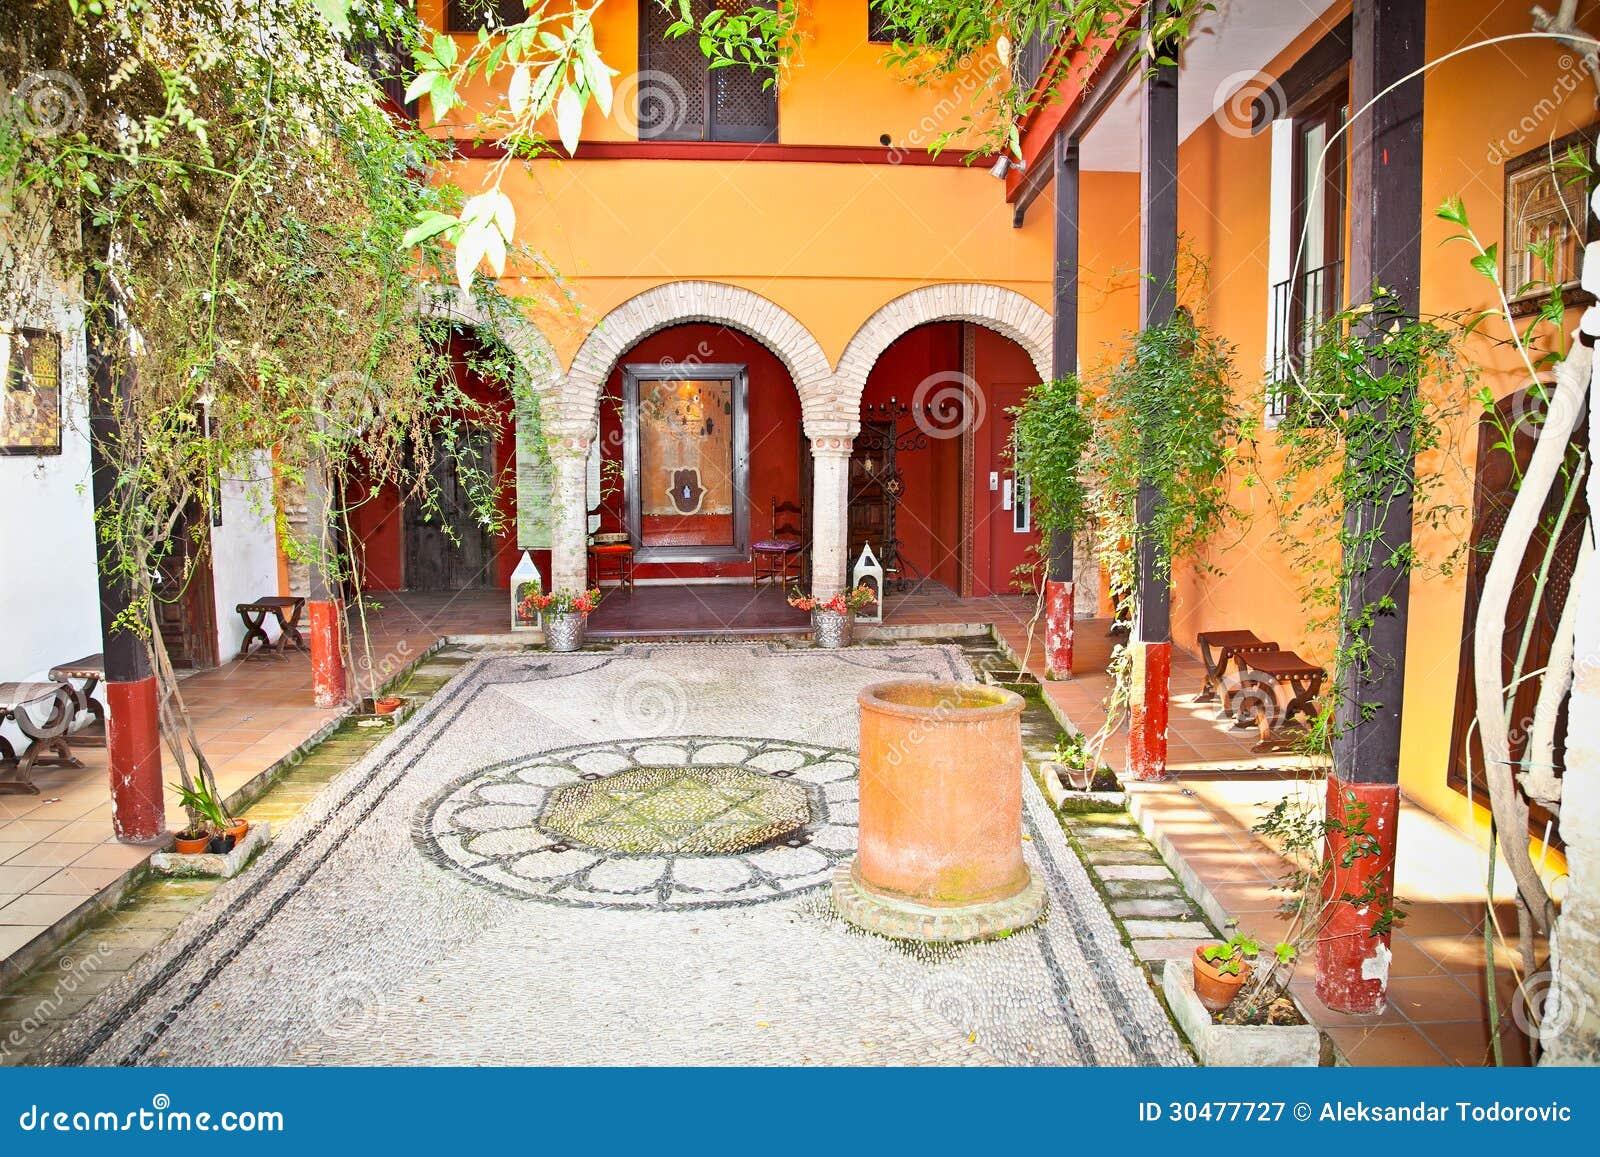 Patio andaluz t pico en sevilla espa a fotograf a de - Fotos patio andaluz ...